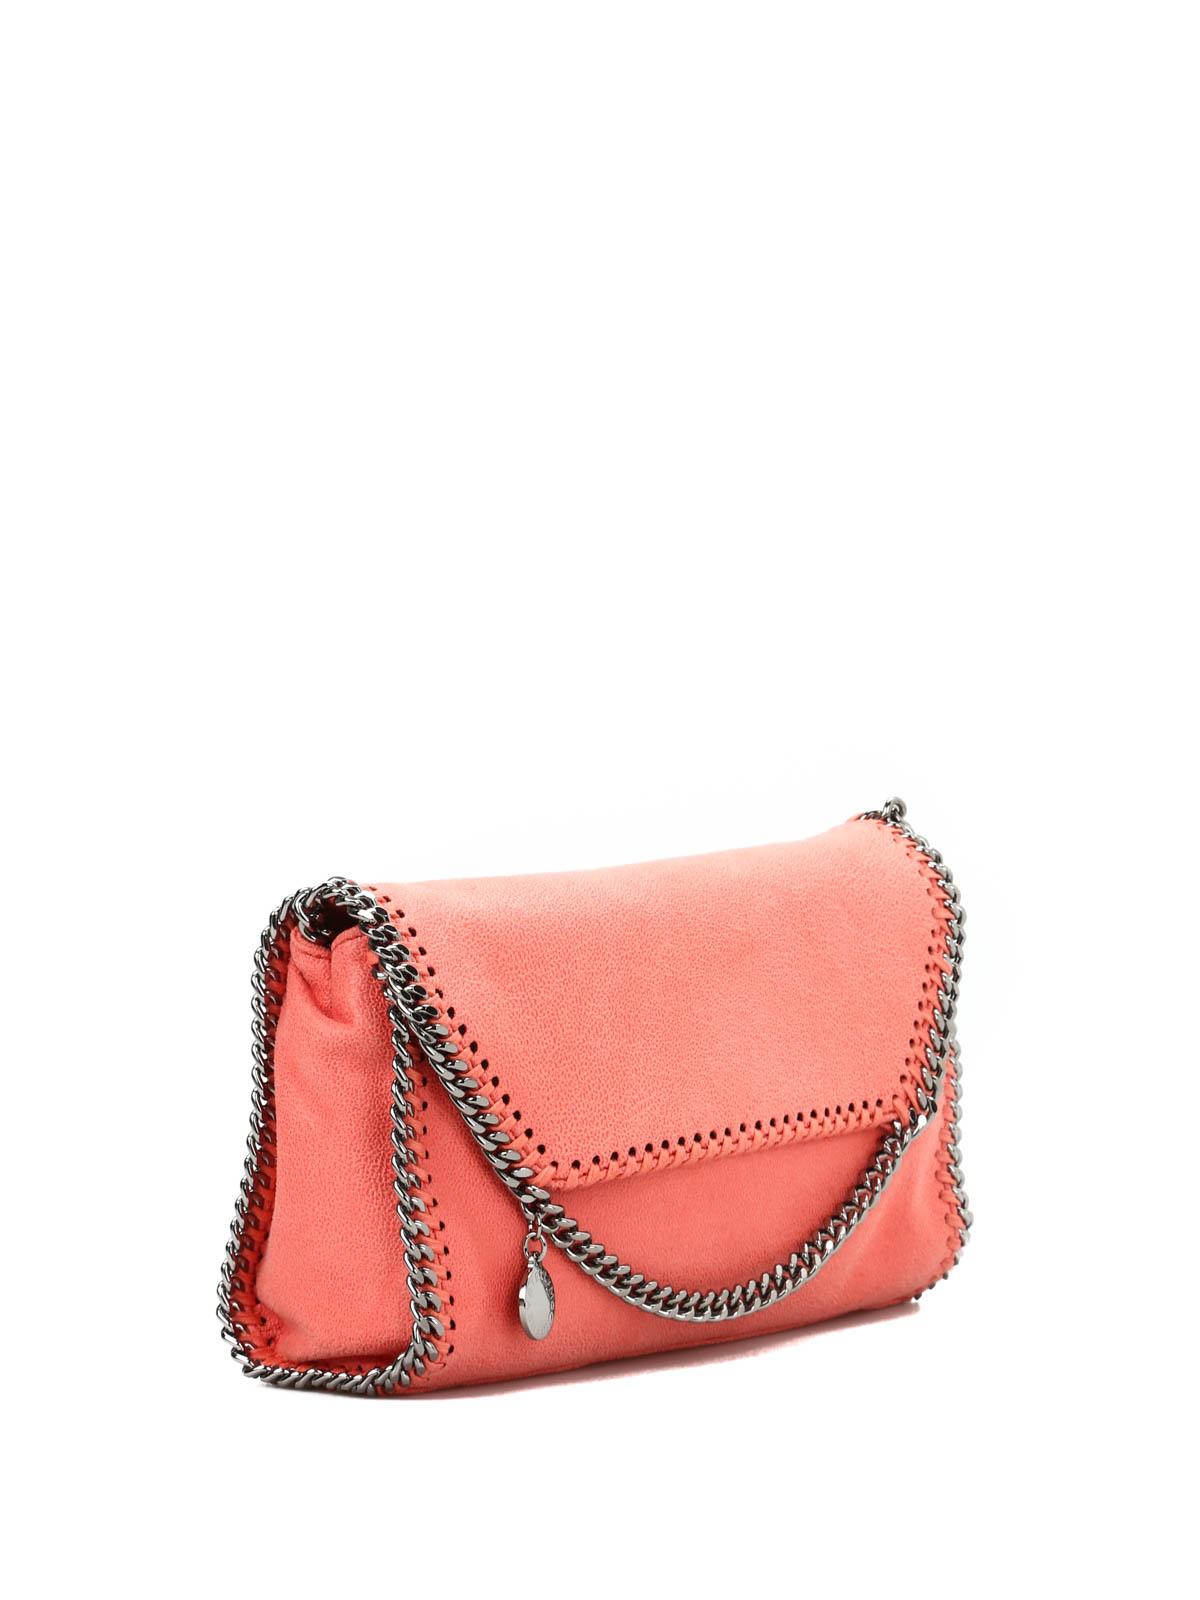 falabella mini chain crossbody bag by stella mccartney